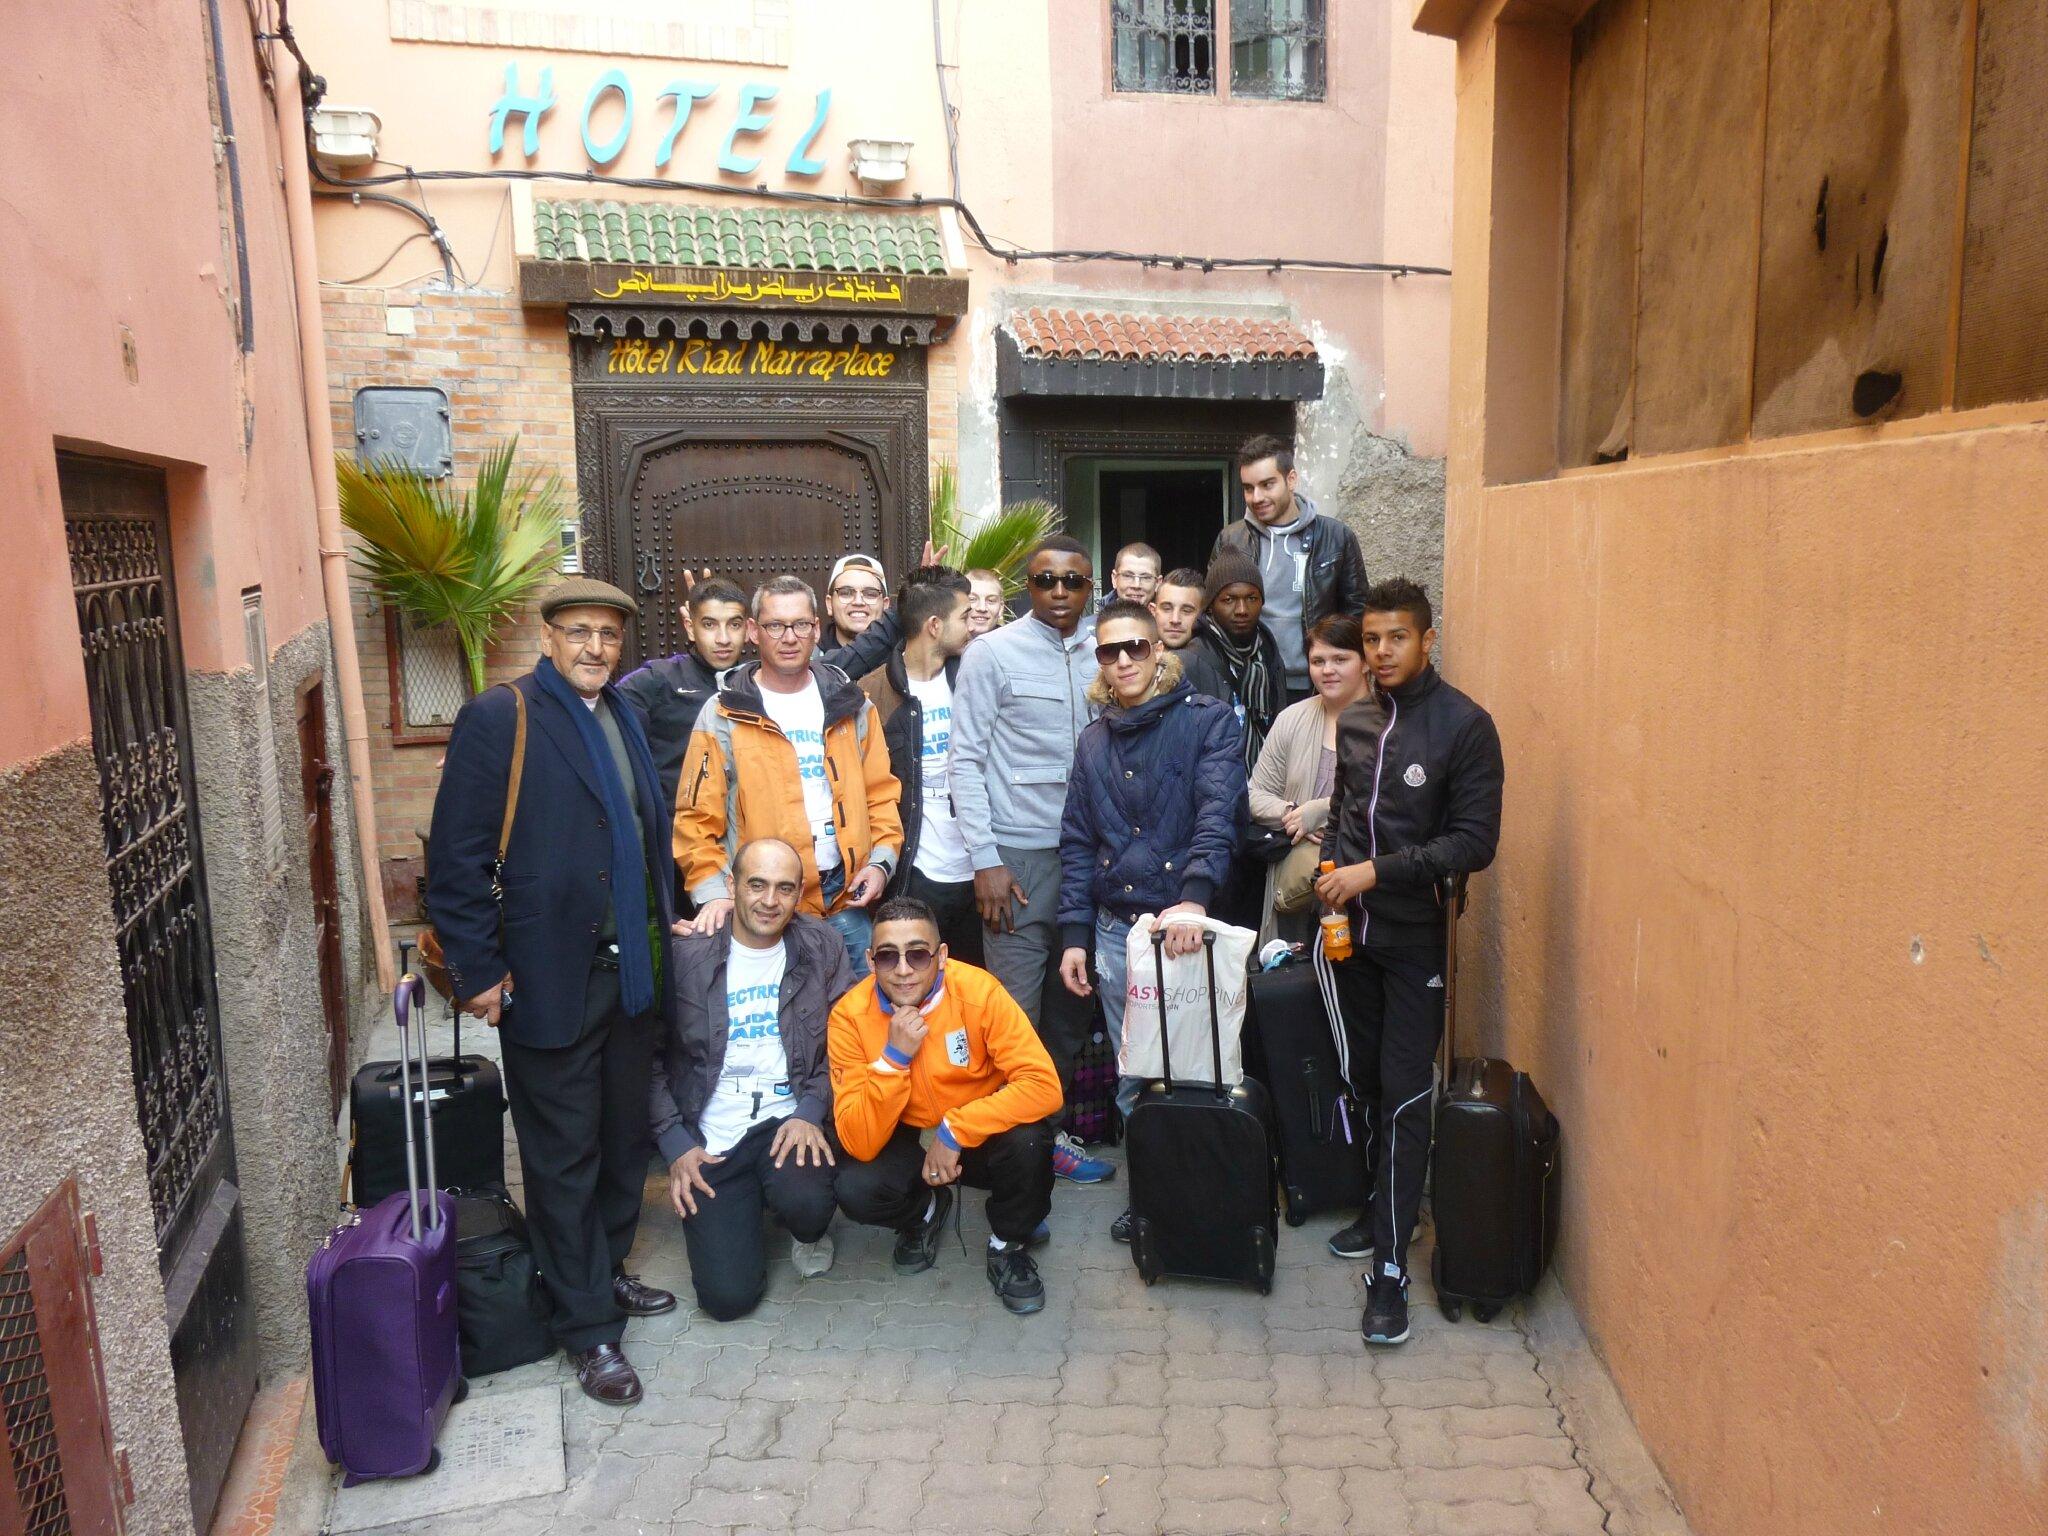 Devant l'hotel de Marrakech le dimanche matin avant le depart